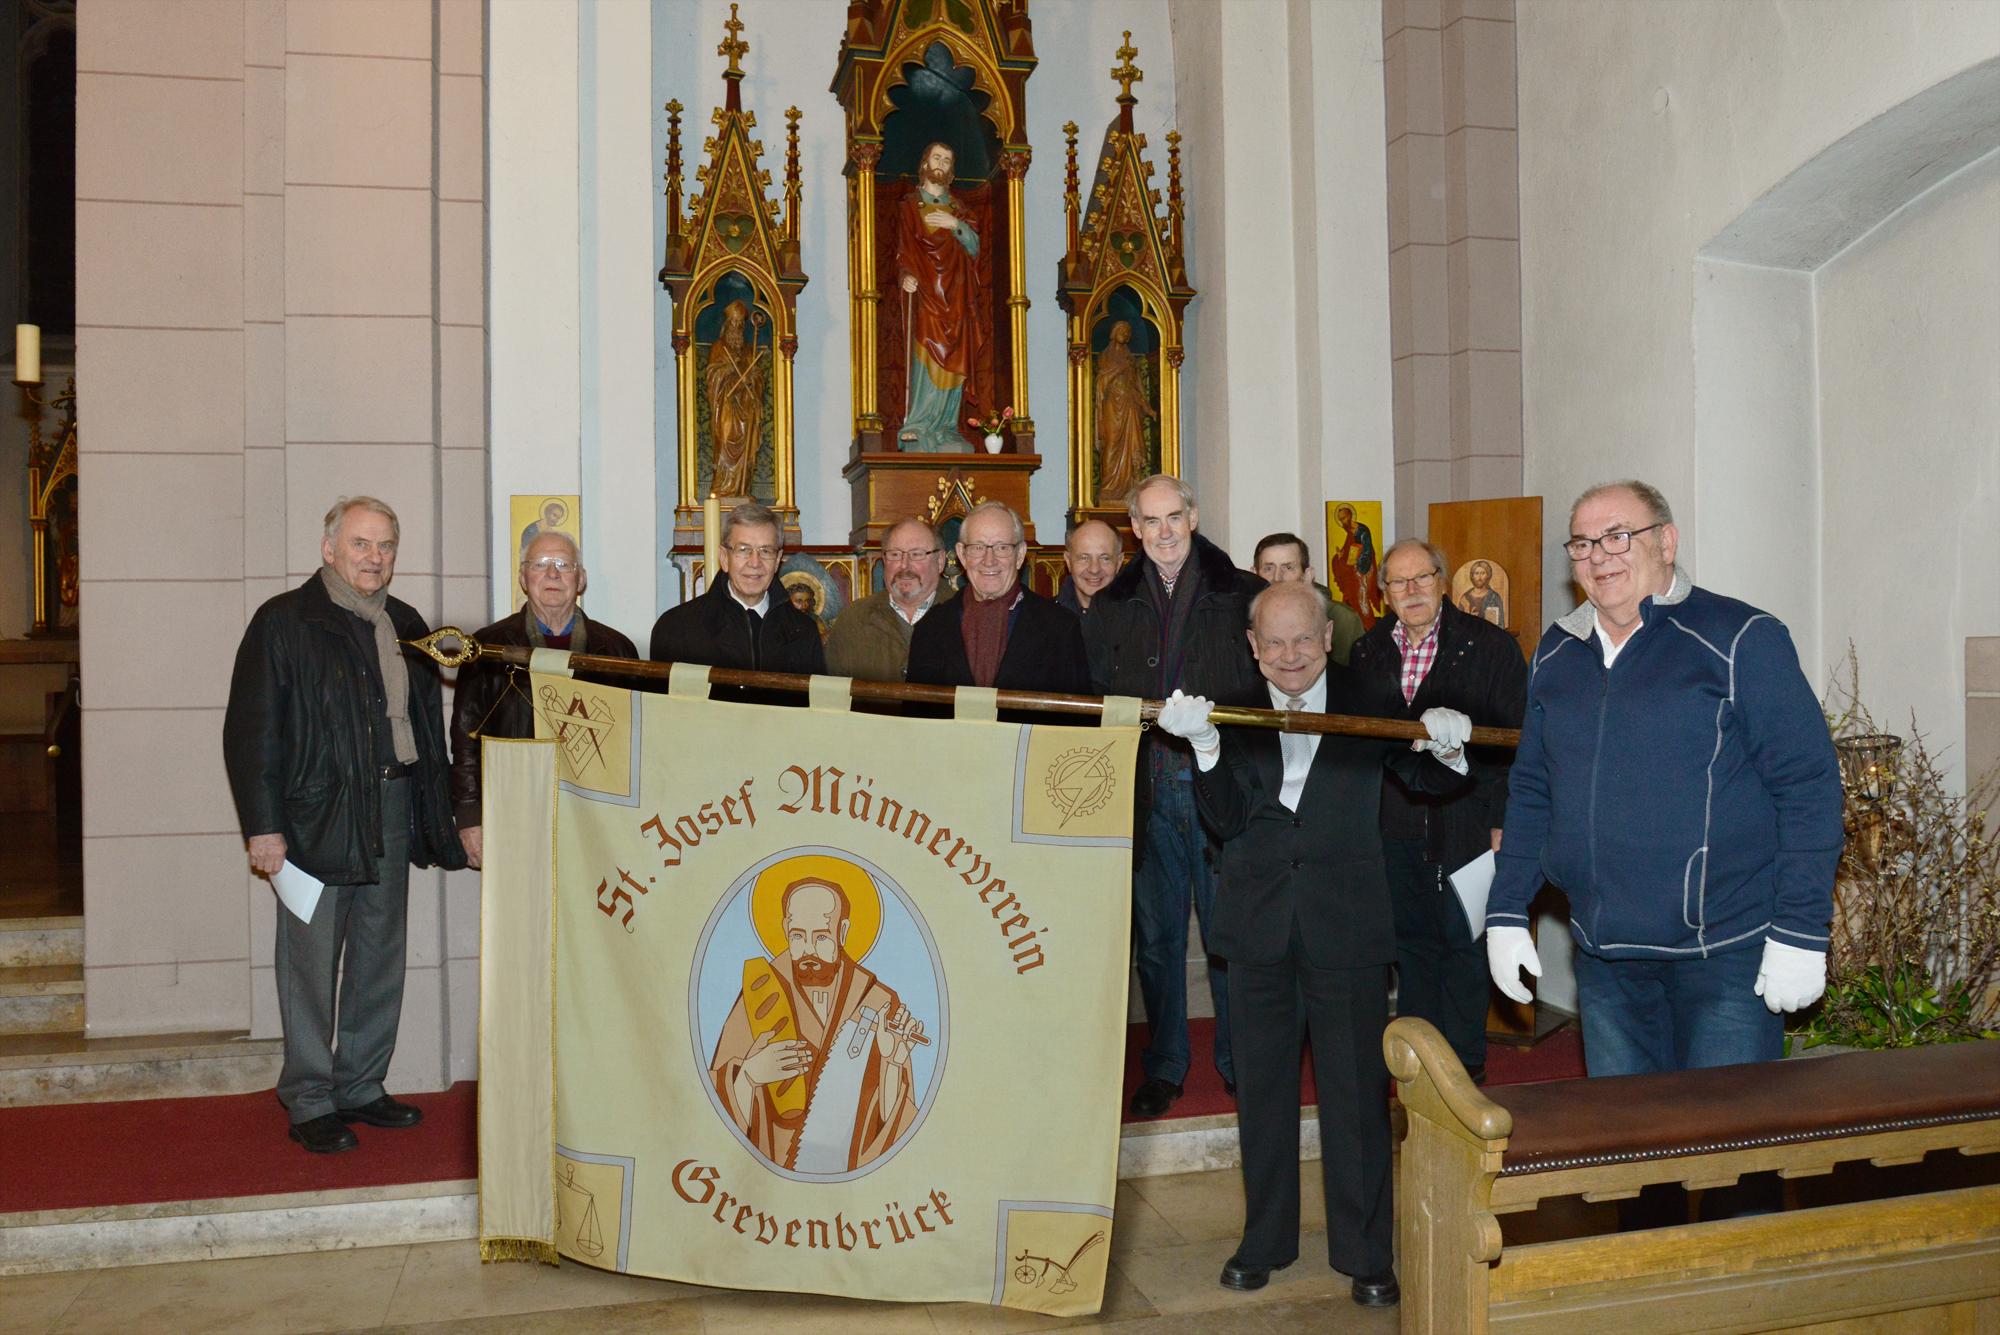 St. Josef Männerverein, Grevenbrück